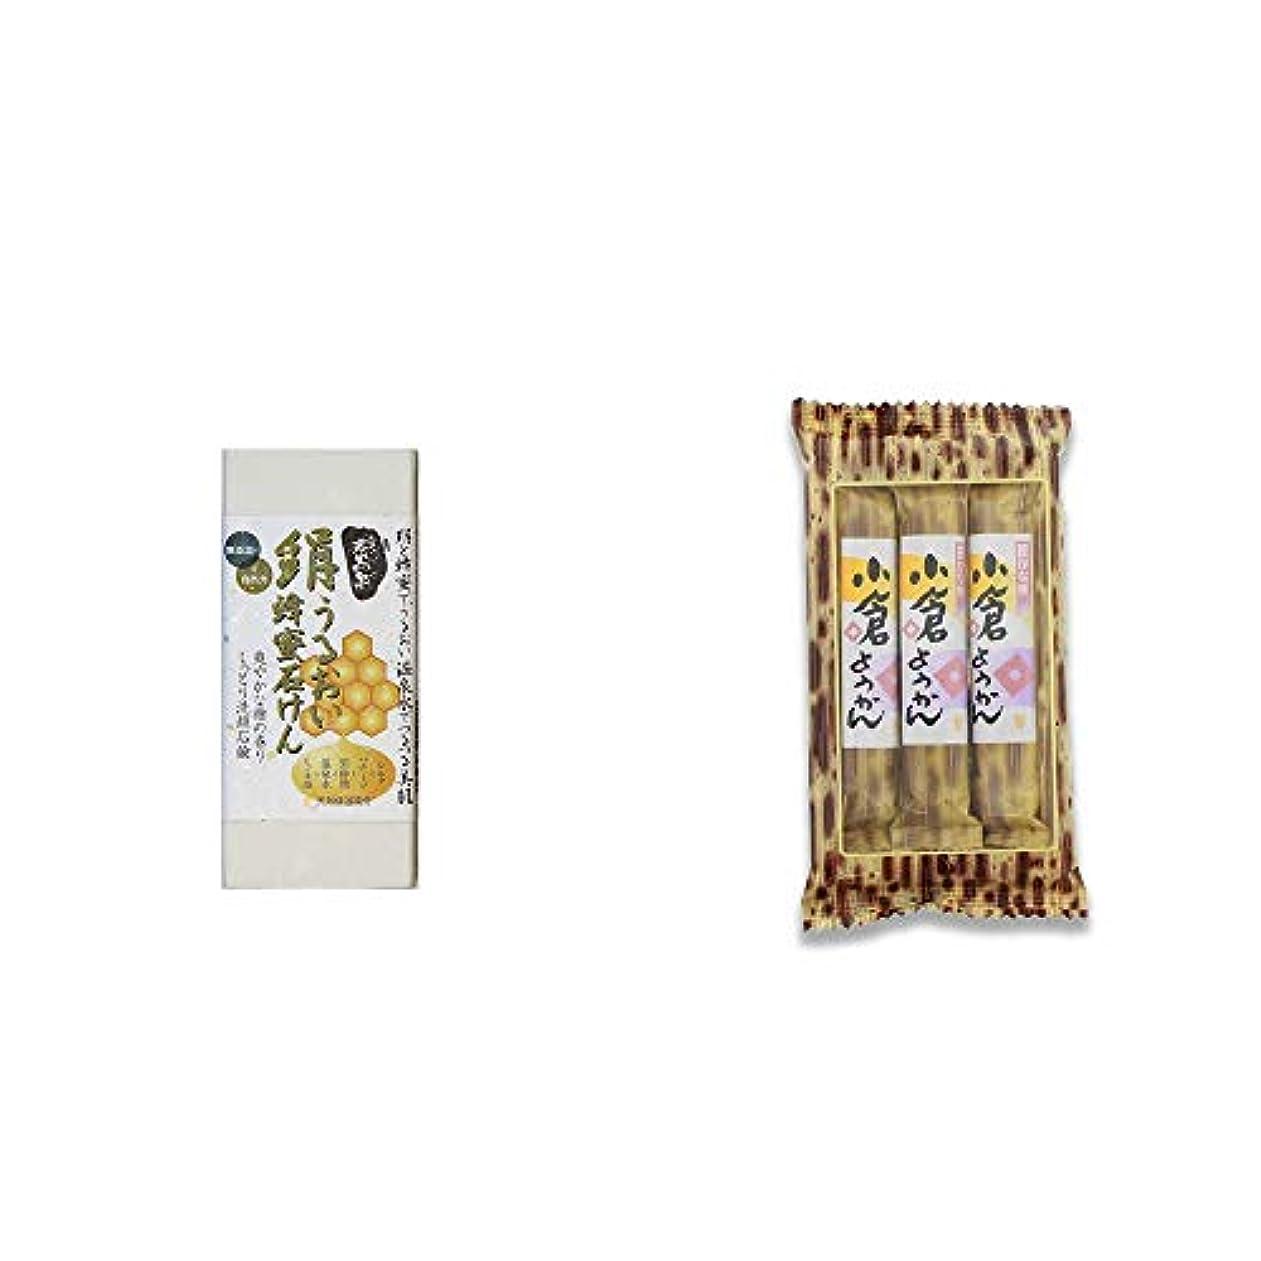 順応性リテラシー接続詞[2点セット] ひのき炭黒泉 絹うるおい蜂蜜石けん(75g×2)?スティックようかん[小倉](50g×3本)